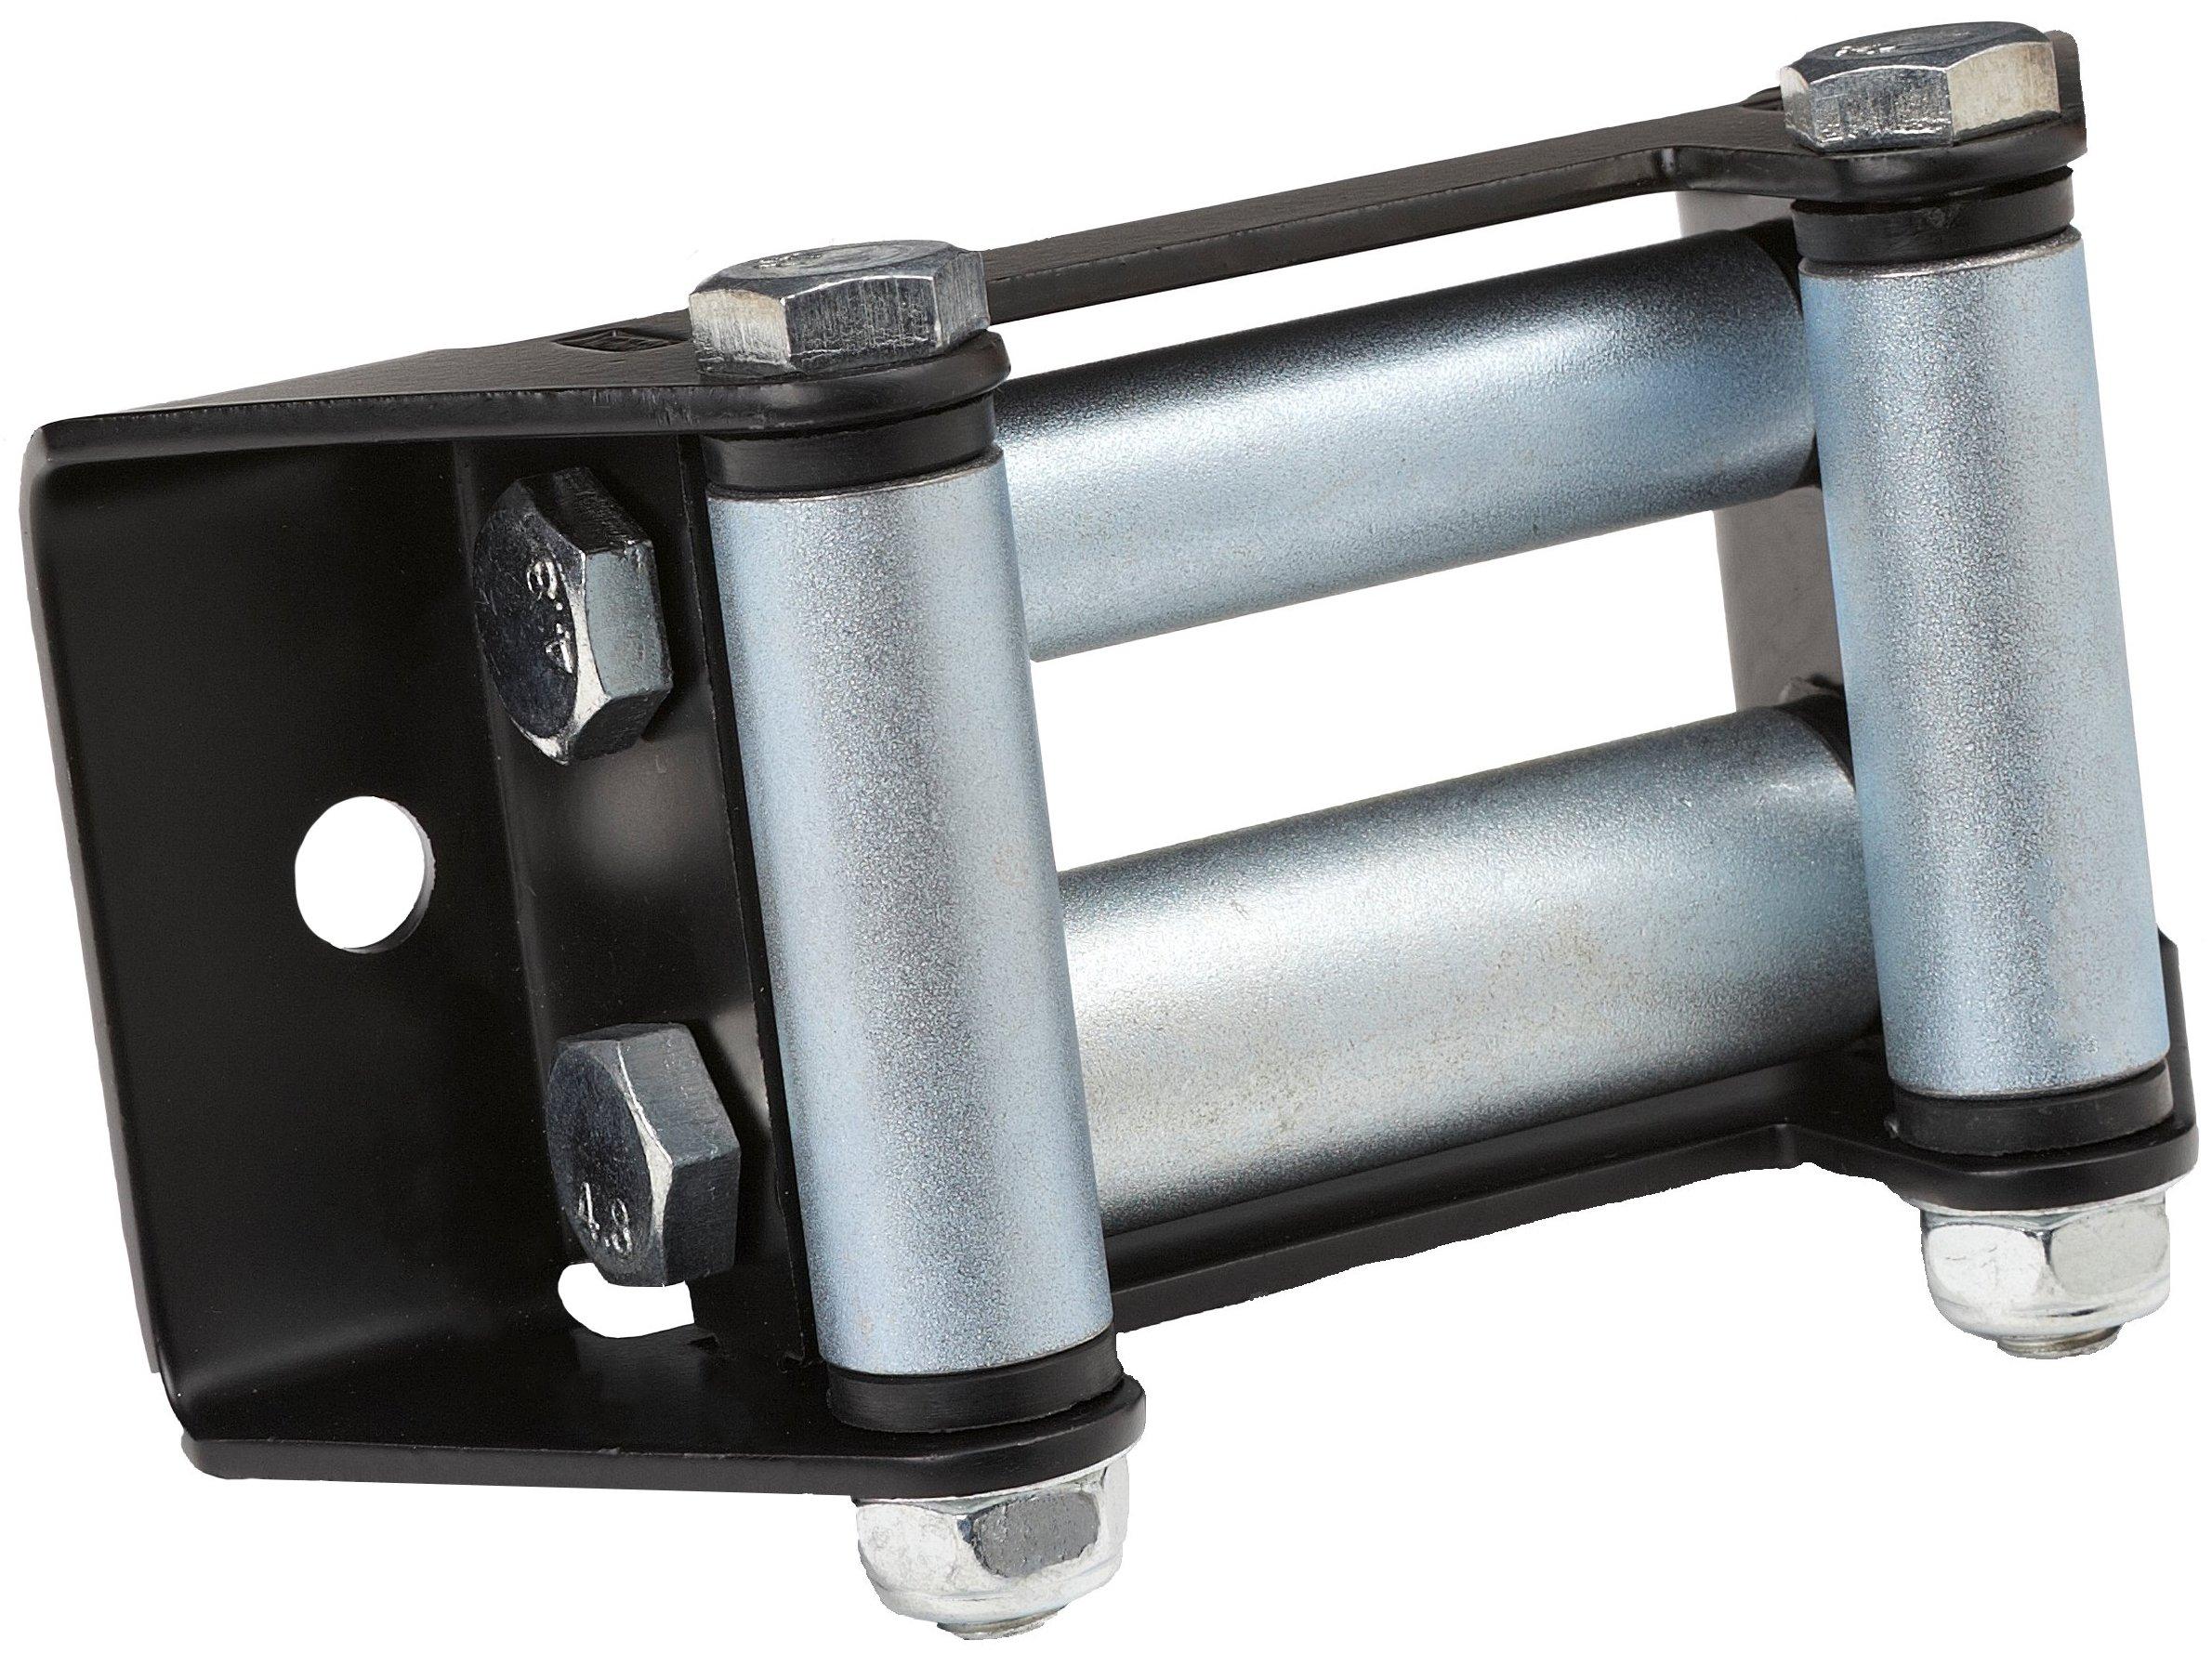 VIPER ATV / UTV Roller Fairlead - Fits Standard Spool Winches - 4.875 x 3 inch